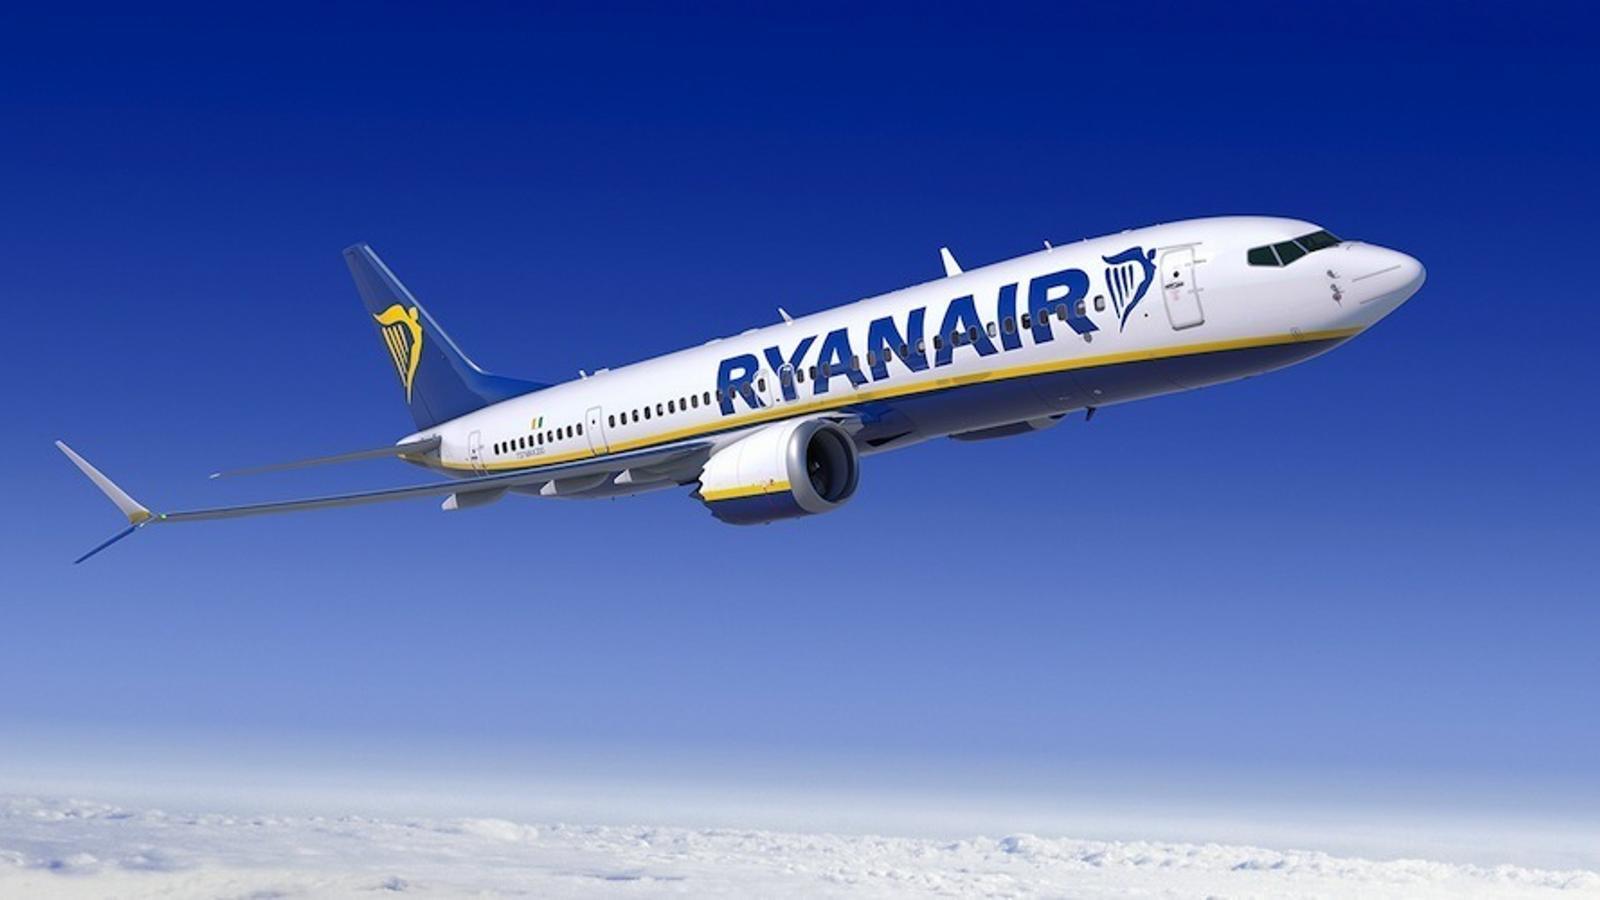 Ryanair és la principal aerolínia low cost d'Europa.